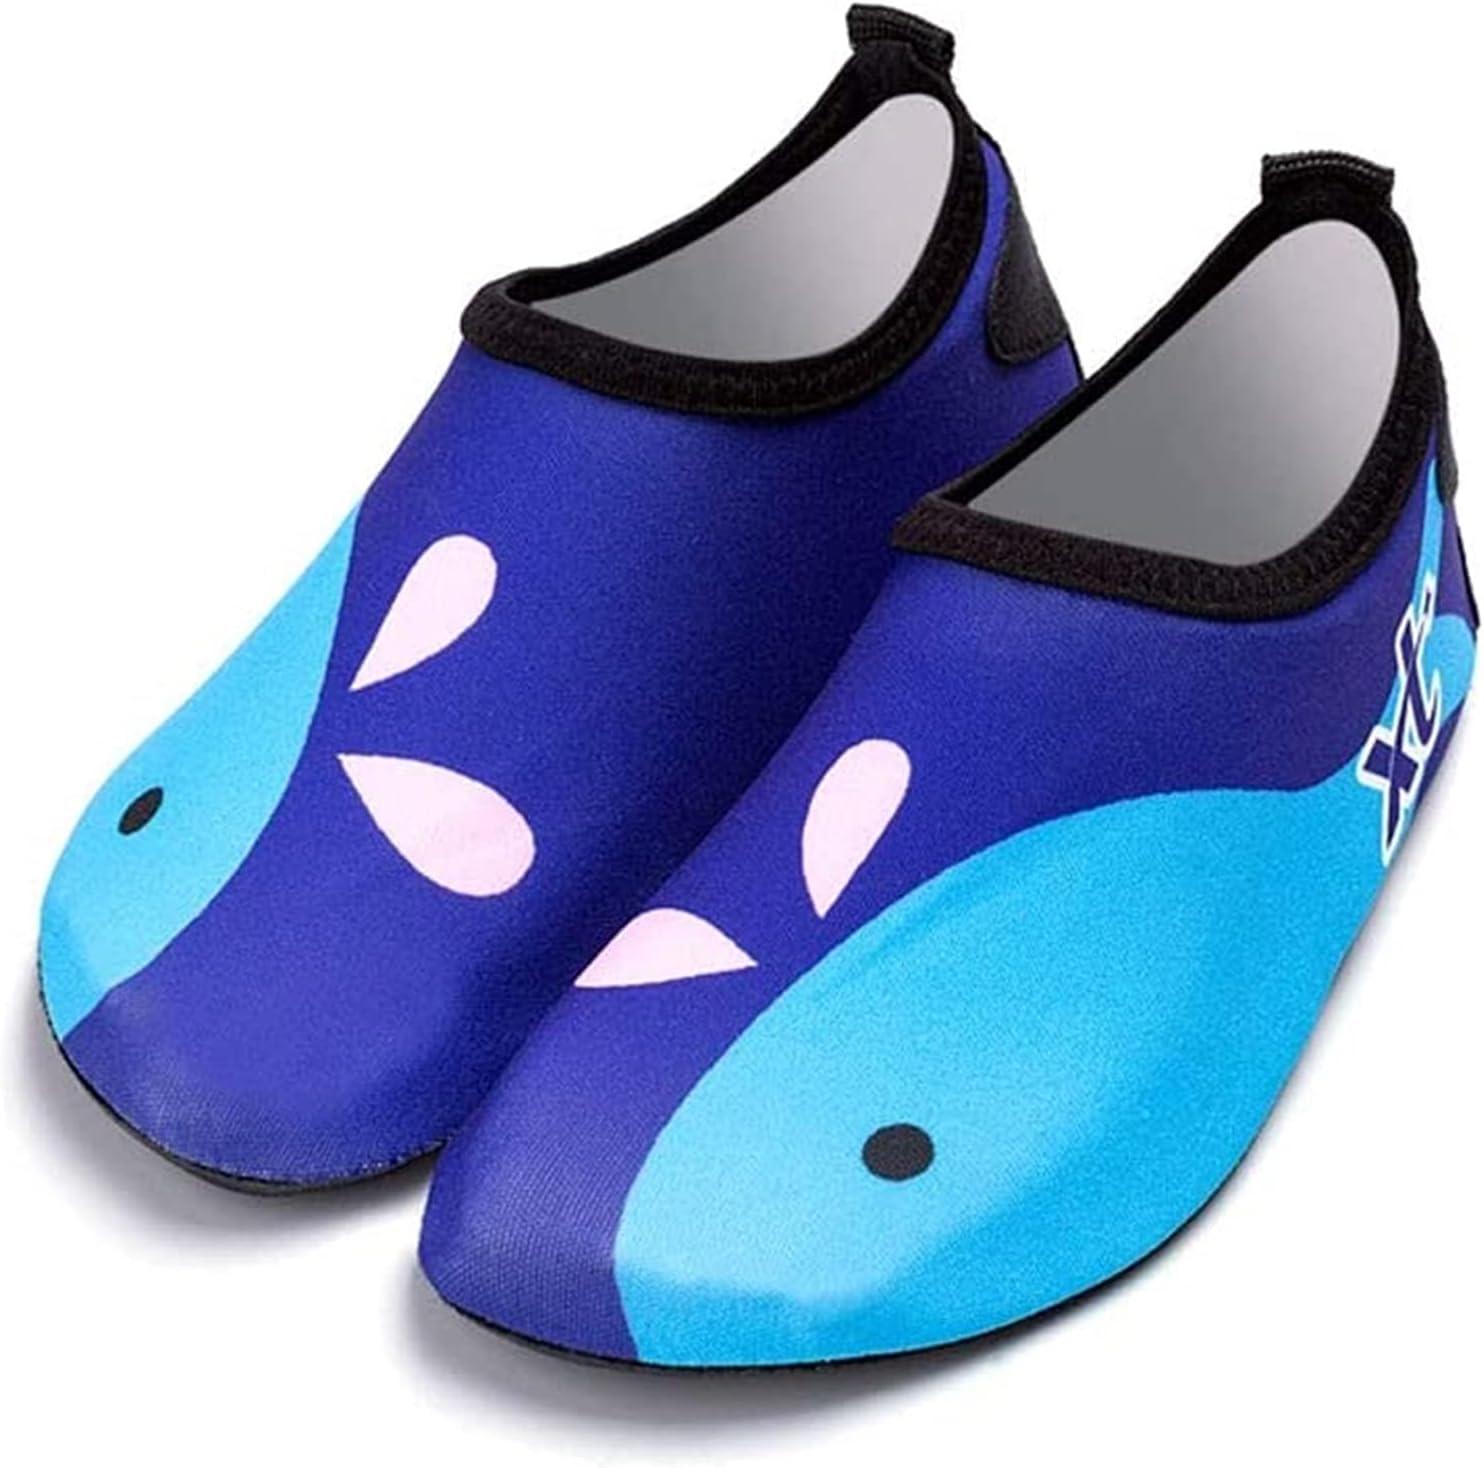 HAOKTSB Water Don't miss the campaign Shoes for Men Women Women's famous Men's